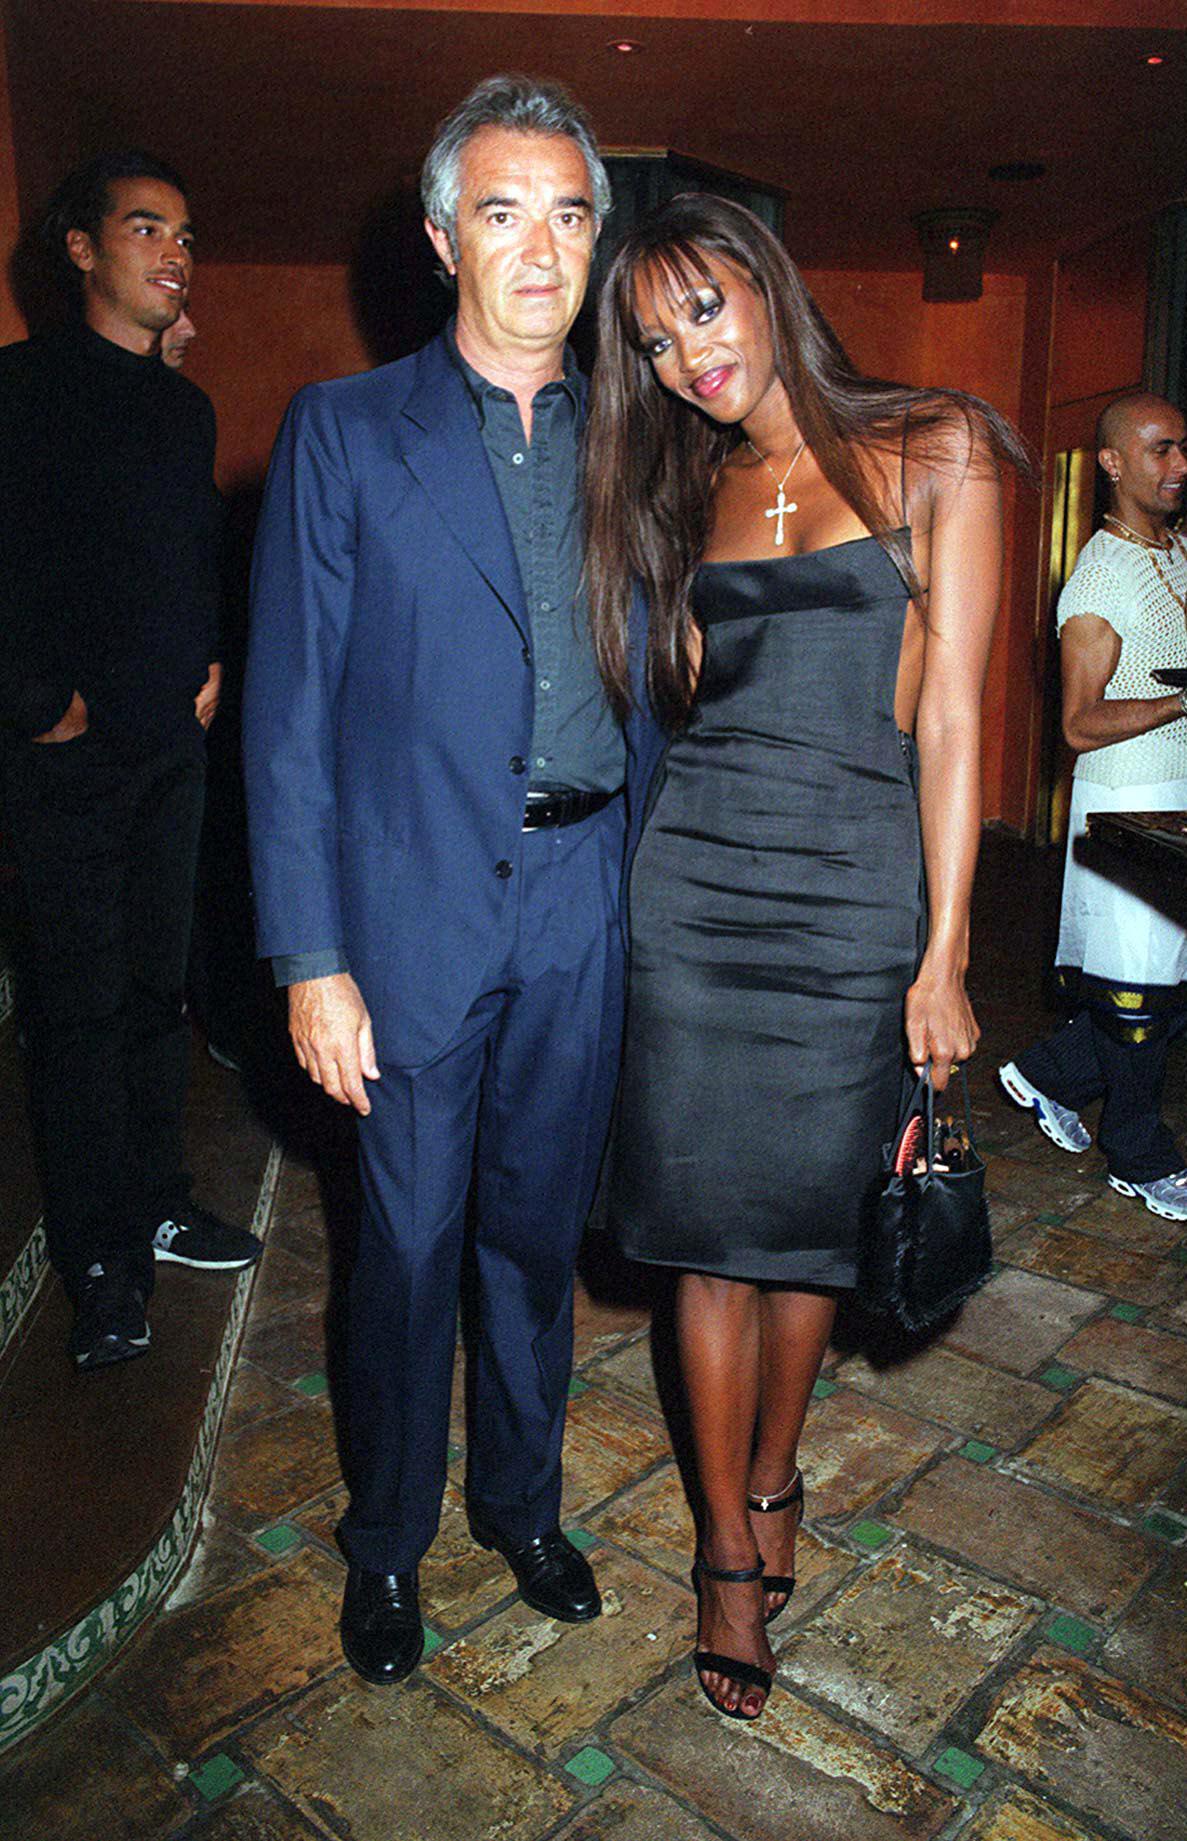 Da Briatore ai segreti di bellezza: Naomi Campbell compie 50 anni, tutto  sulla Venere nera - Gazzetta del Sud